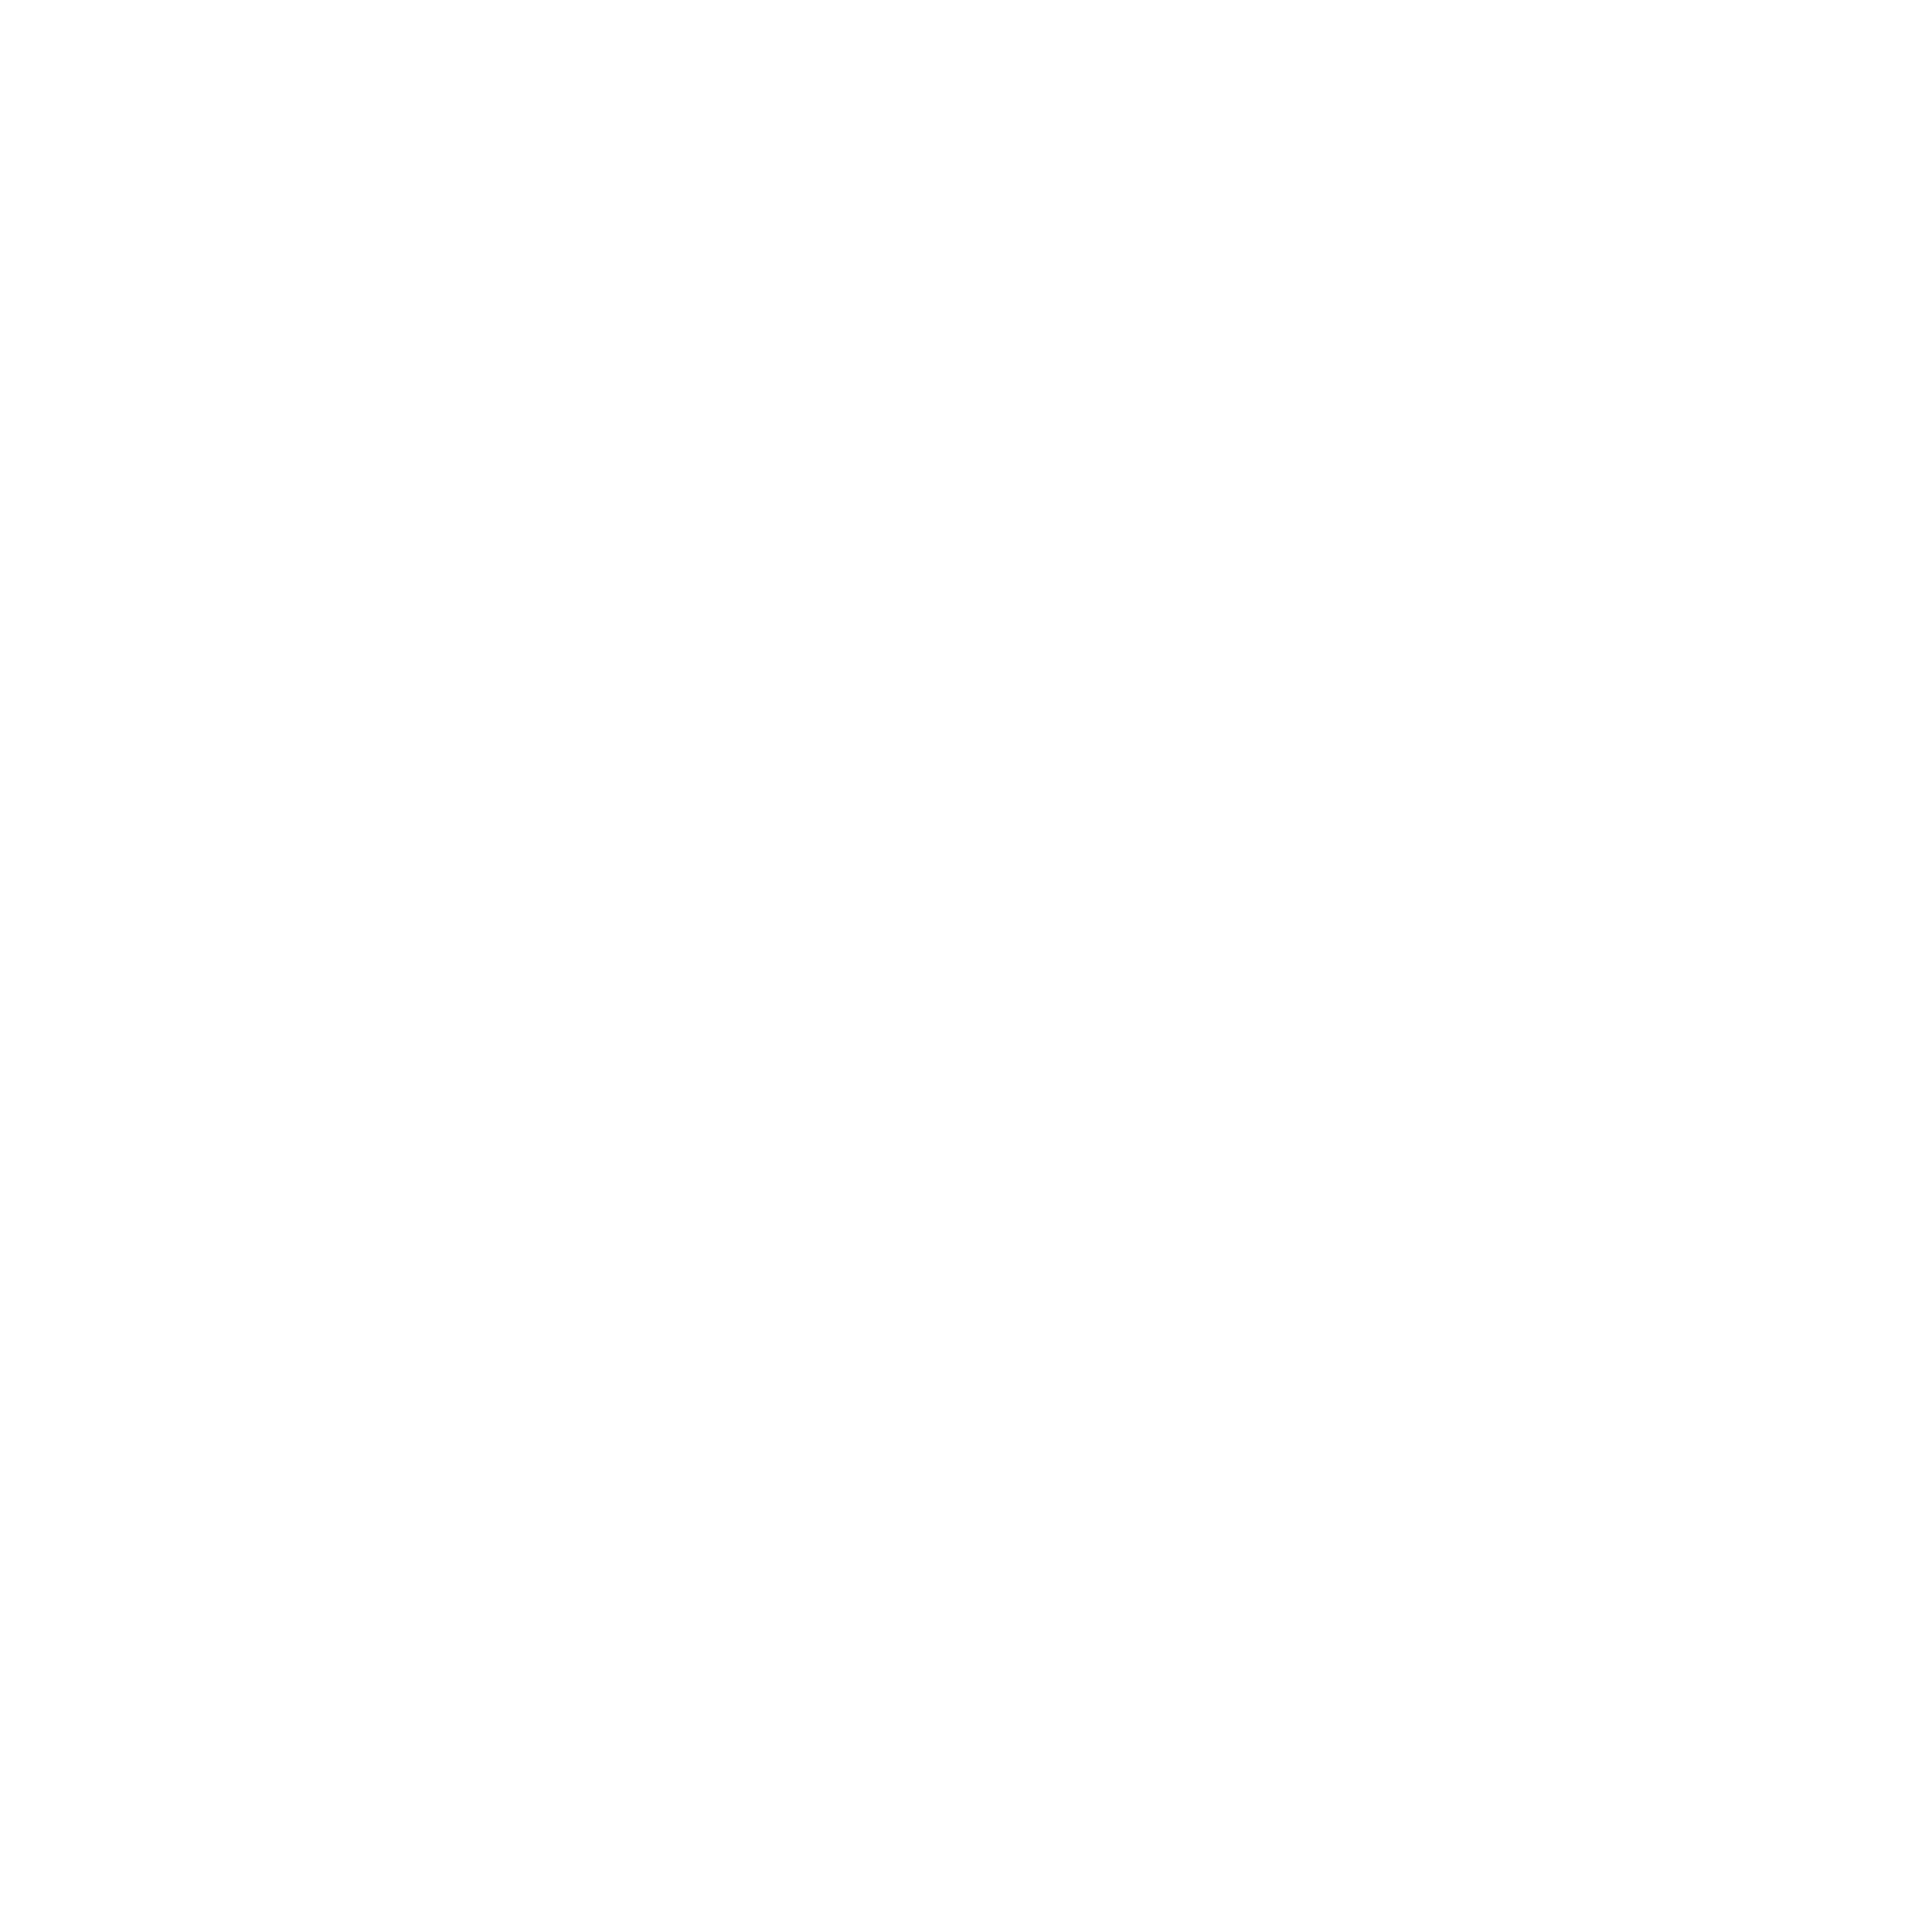 Logo_NaturaDef_Tavola disegno 1 copia 2